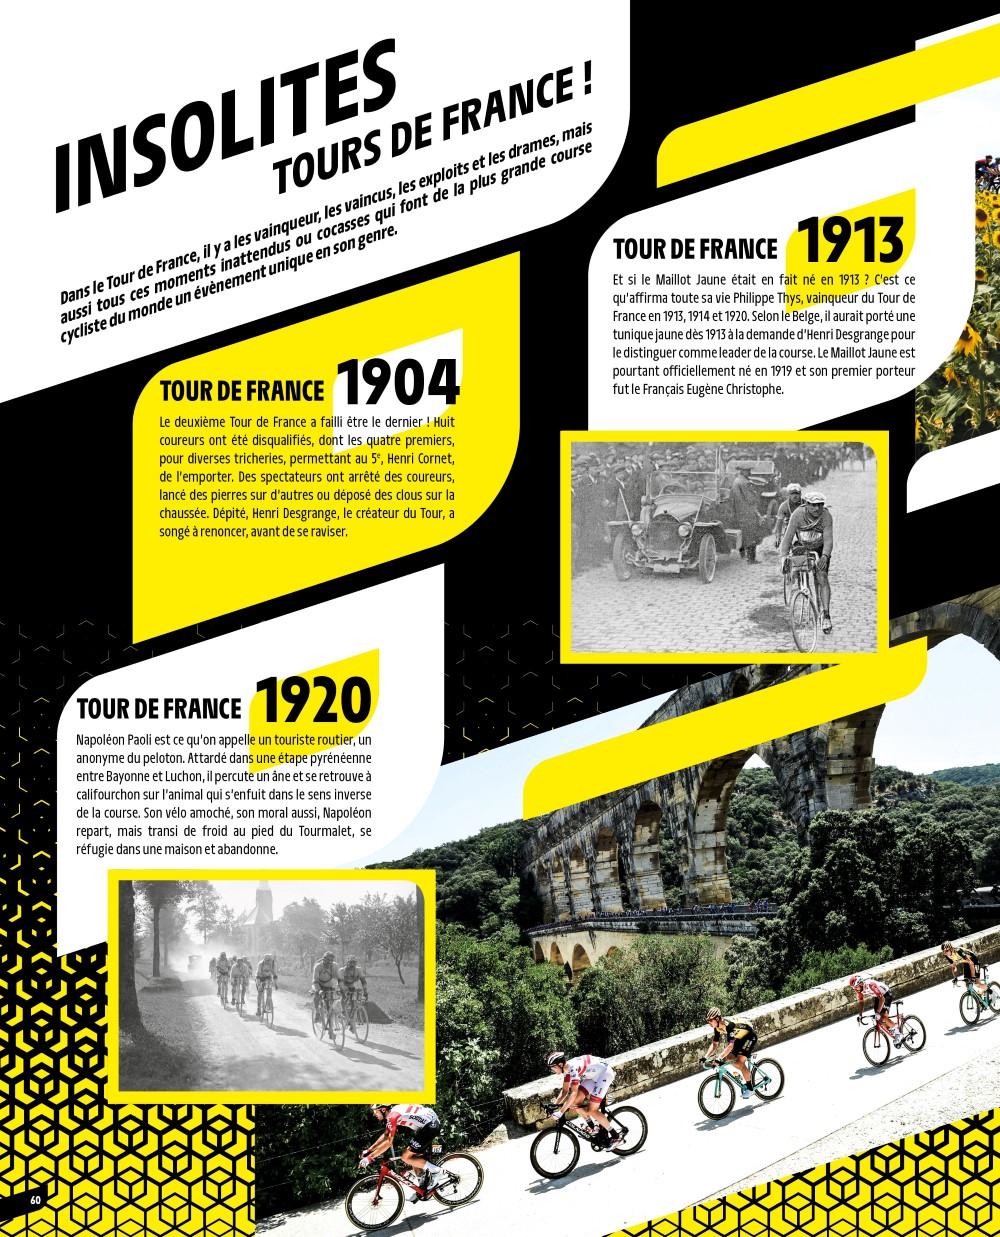 PANINI TOUR DE FRANCE 2020 PAGE 60 INSOLITES